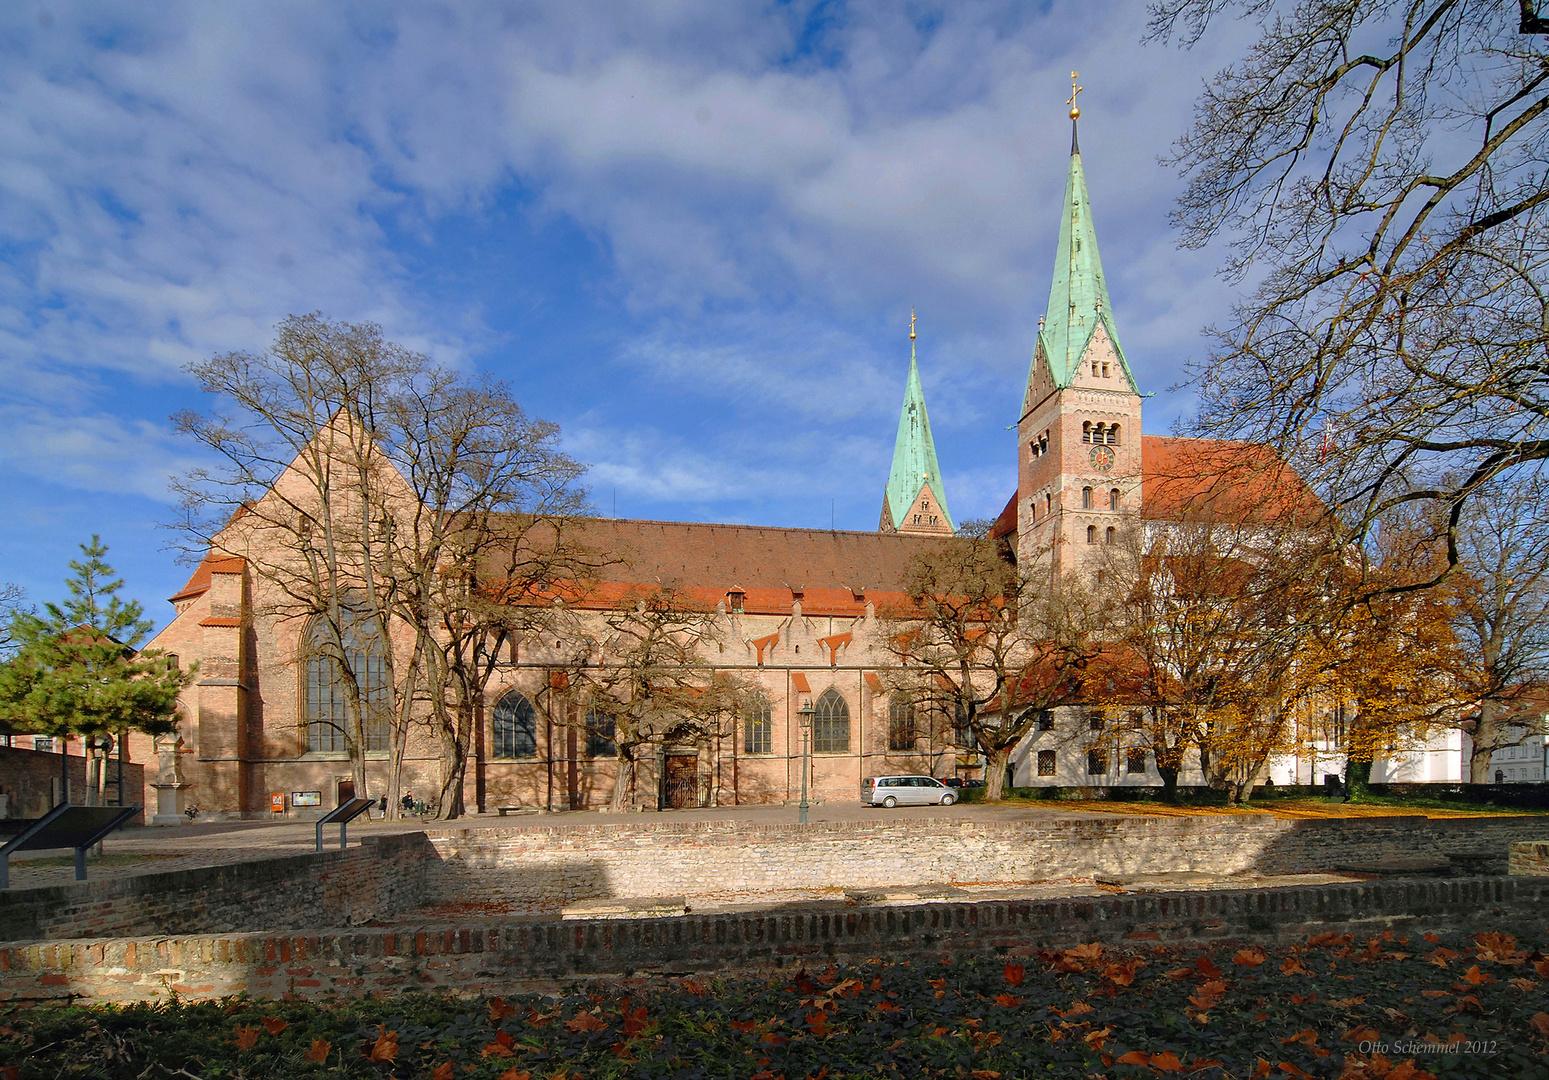 Der Hohe Dom zu Augsburg